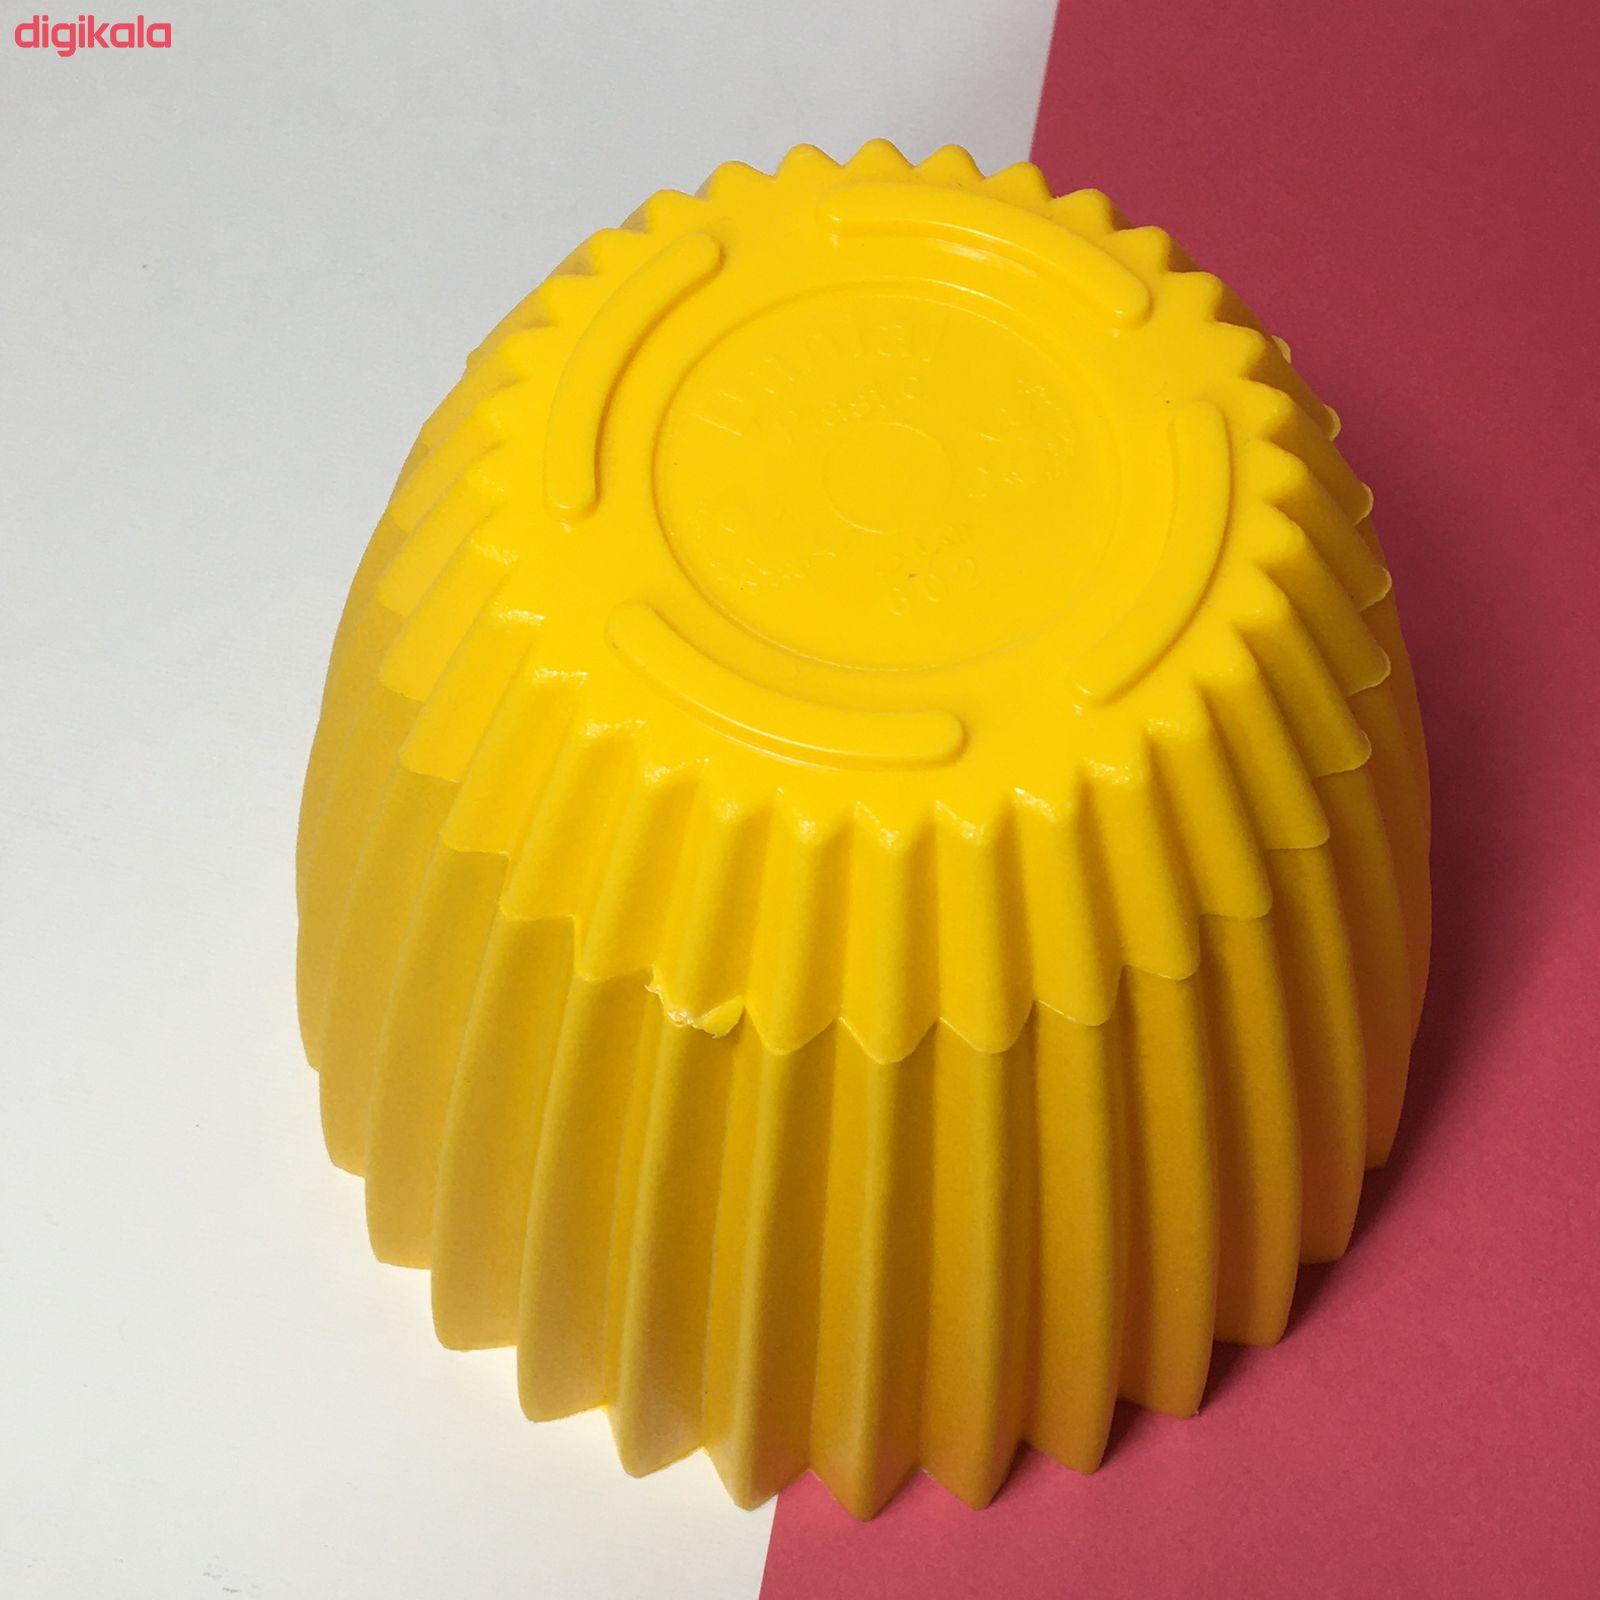 گلدان دانیال پلاستیک کد 210 main 1 6